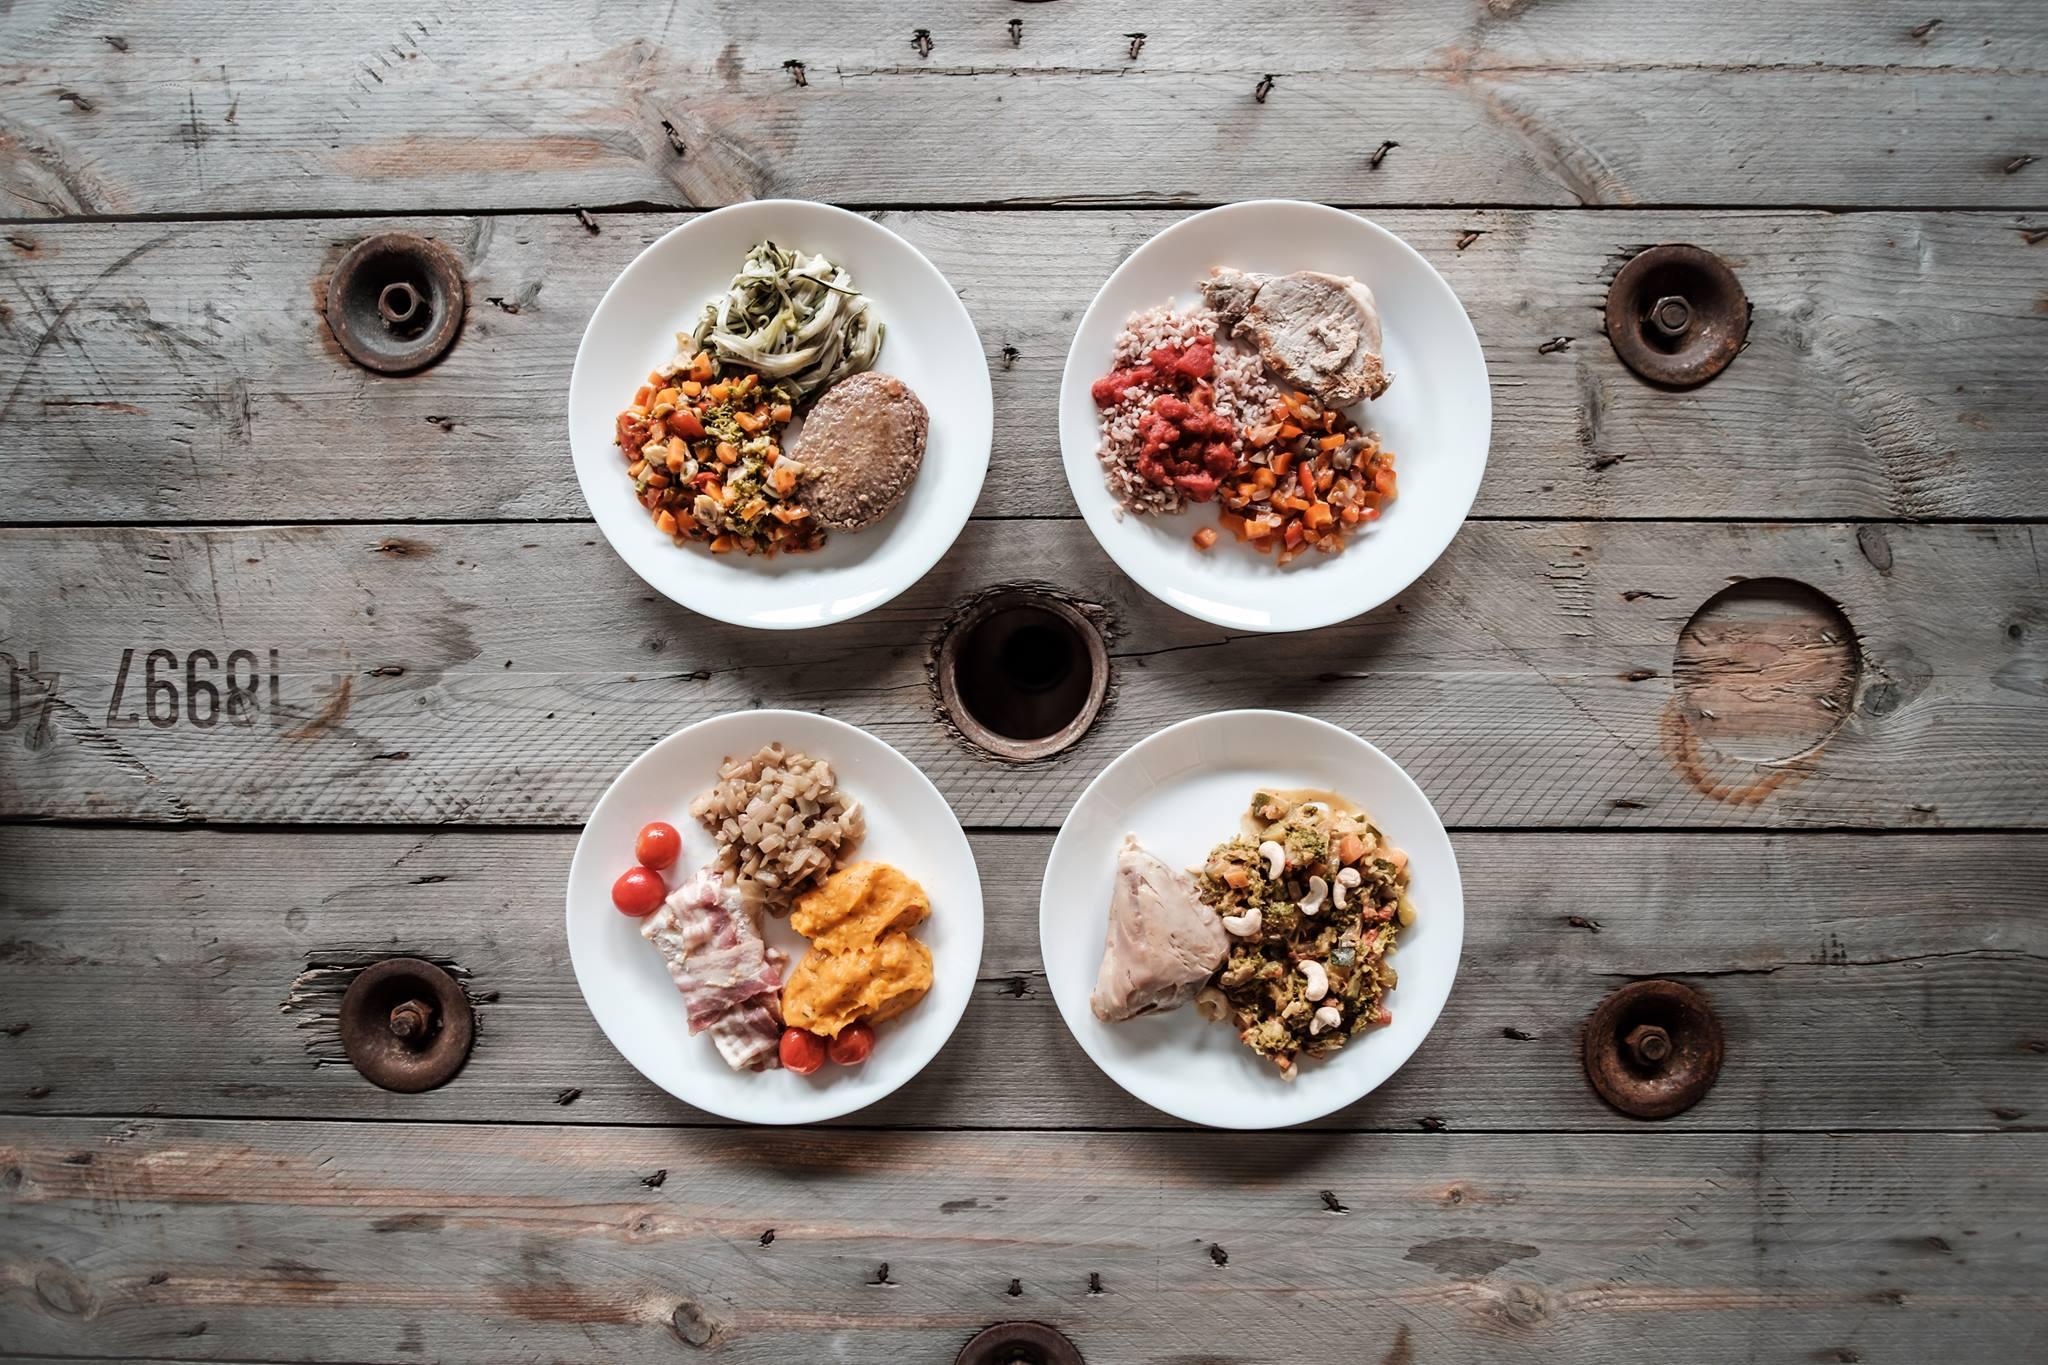 """Le concept… - O-FOOD s'est donné un objectif simple : proposer l'alimentation qui nous corresponde à nous, êtres humains, l'alimentation que nous avons connue durant des millions d'années. Bref, l'alimentation qui nous est """"propre"""", à nous : """"Our Own Food"""" en anglais (d'où vient le nom """"O-FOOD"""")."""